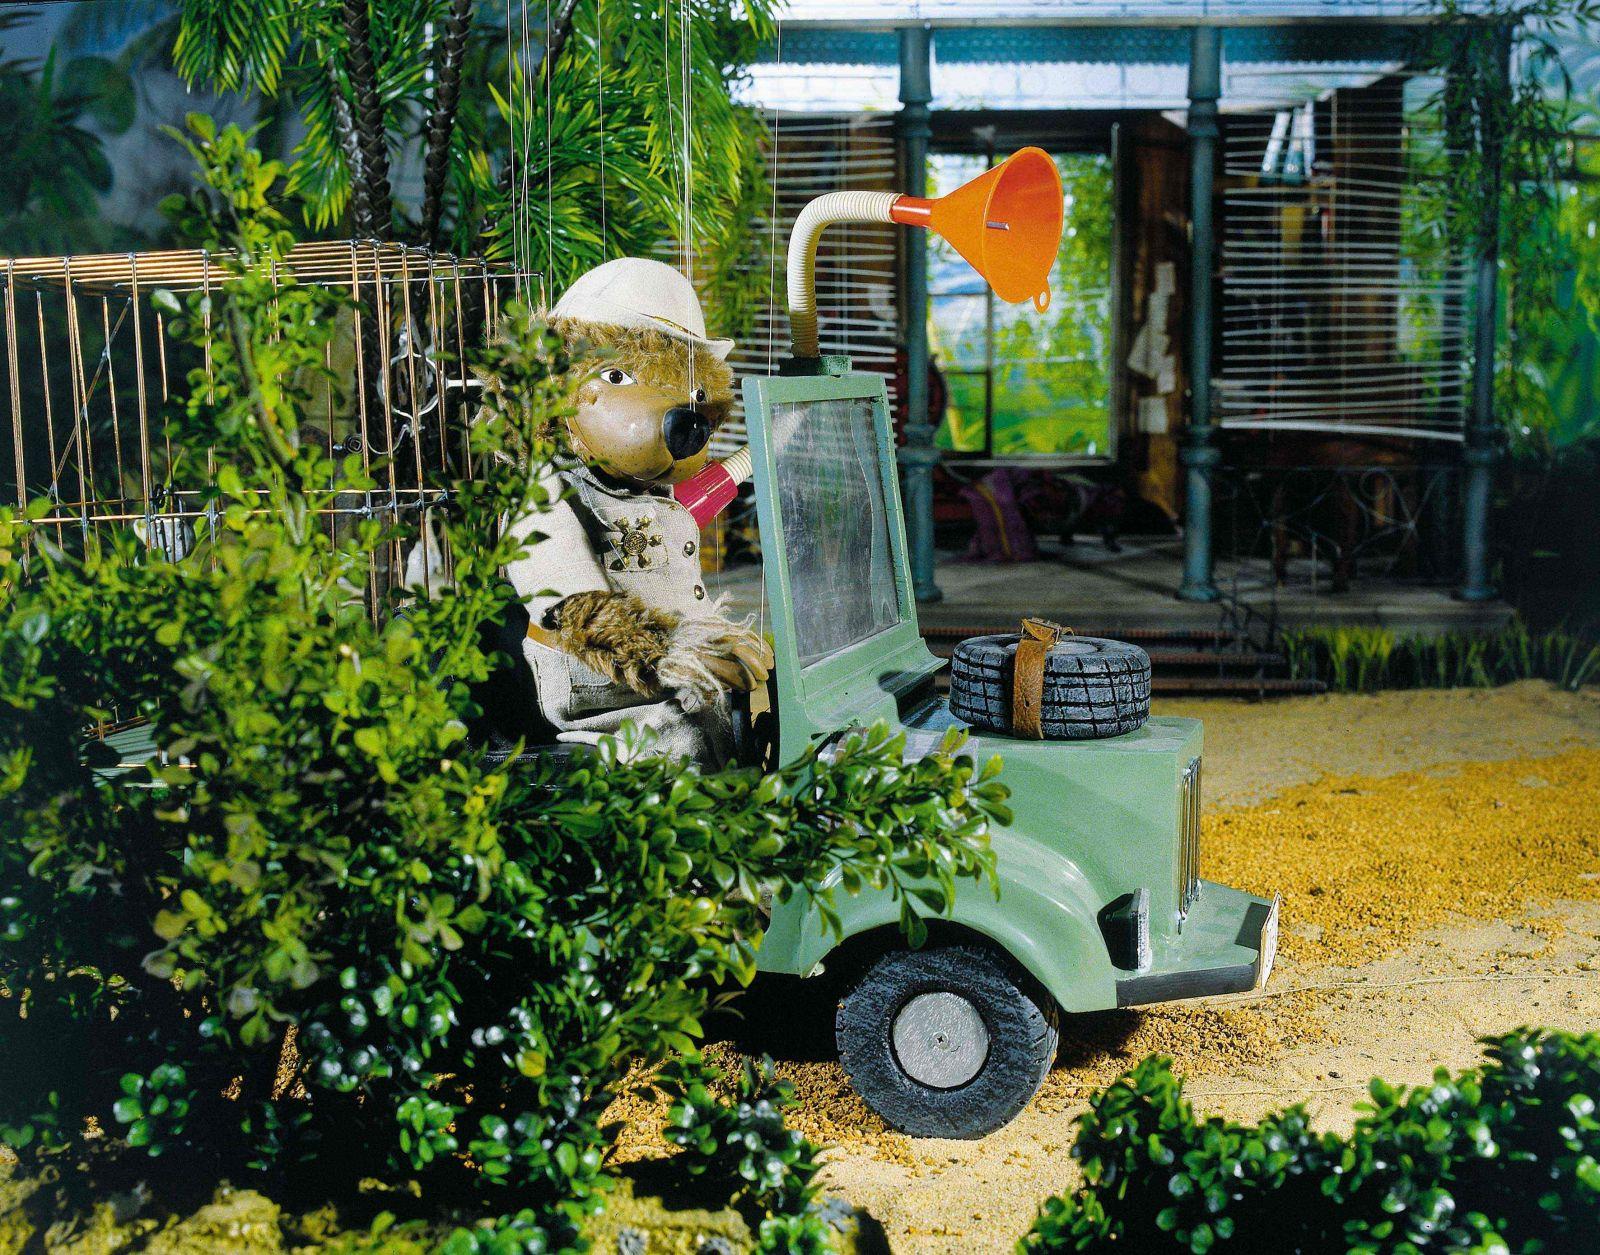 Still from Drei Dschungeldetektive: String puppet bear in a car behind a green bush